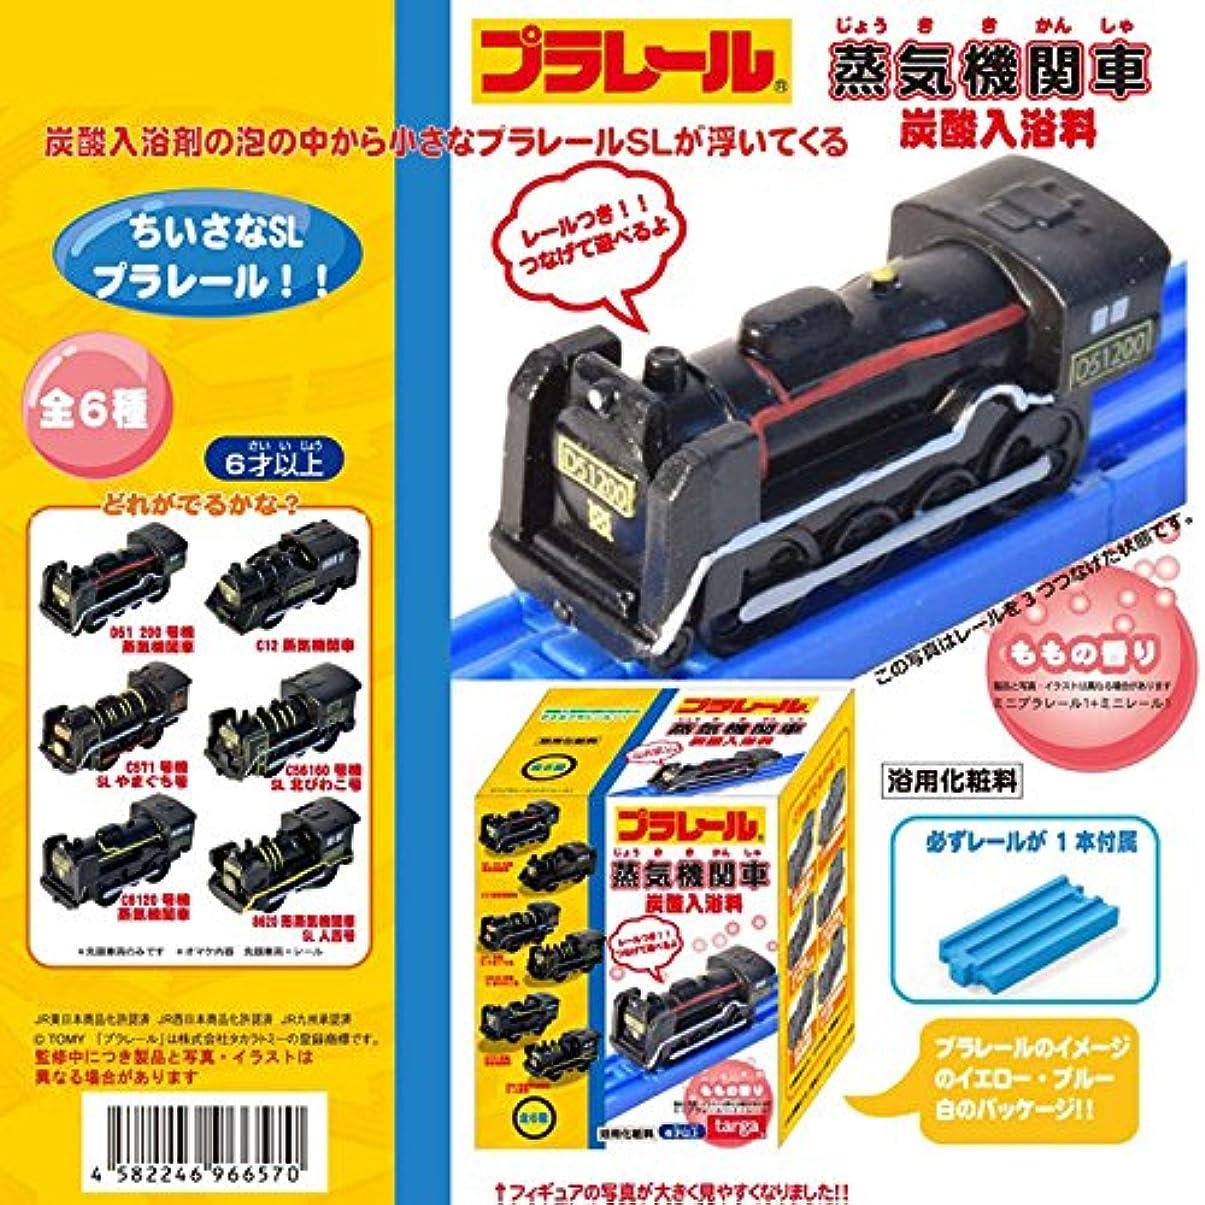 細断人気のチューブプラレール 蒸気機関車 炭酸入浴料 6個1セット ももの香り レールつき機関車 入浴剤